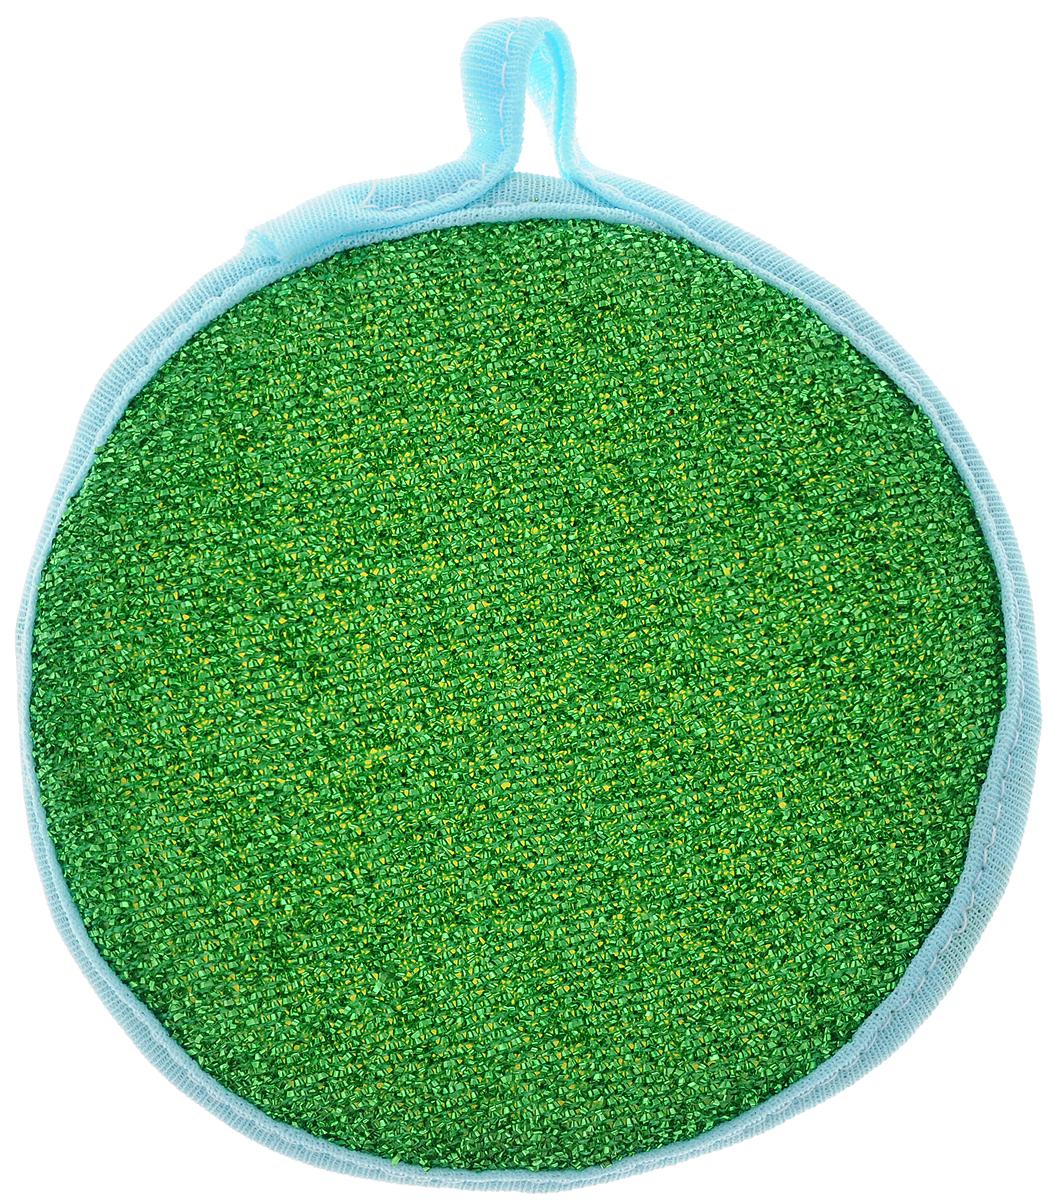 Губка для мытья посуды Youll love, двухсторонняя, для тефлона, цвет: зеленый, голубой58755_зеленый, голубойГубка для мытья посуды Youll love изготовлена из поролона. Она двухсторонняя: одна сторона выполнена из полипропиленовой металлизированной нити, а другая - из полимерных материалов. Губка подходит для очистки сильно загрязненных кухонных поверхностей, а также для мытья посуды из нержавеющей стали и с тефлоновым покрытием. Материал: полипропиленовая металлизированная нить, поролон, полимерные материалы. Размер губки: 12 х 12 х 2,5 см.